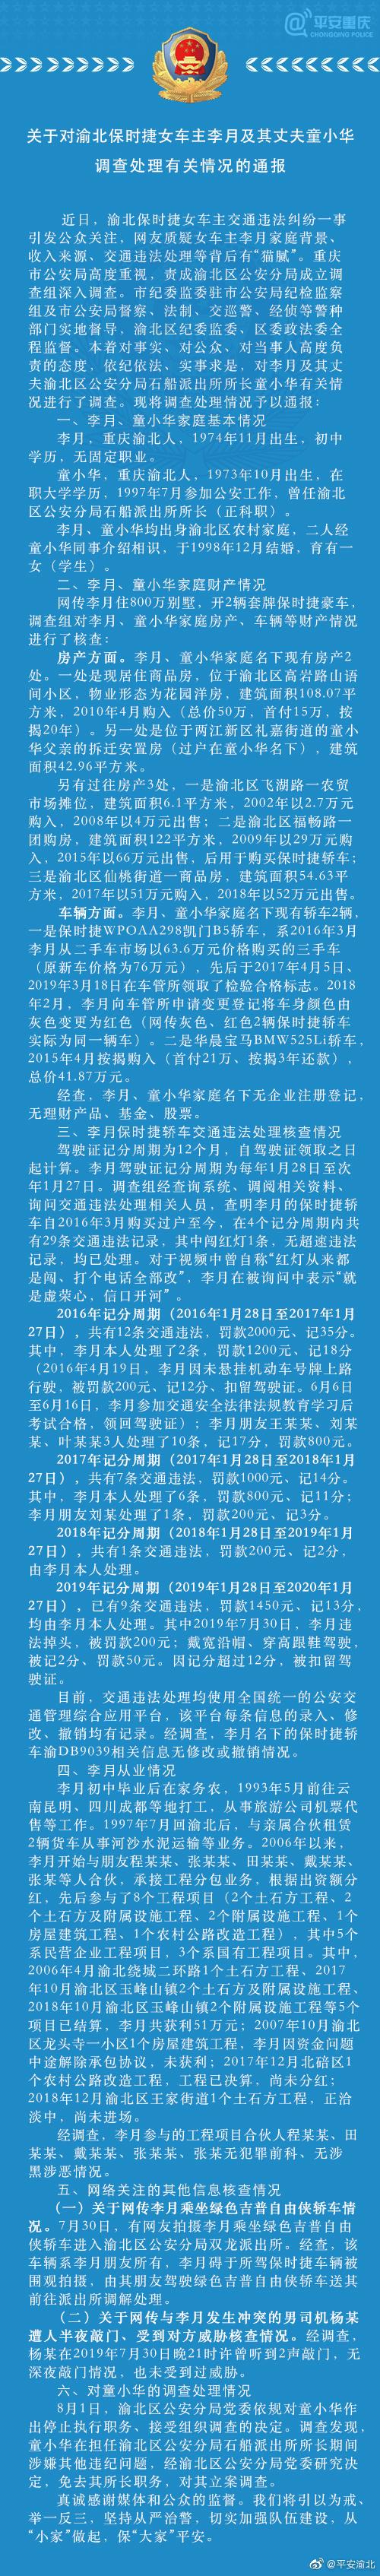 重庆警方通报渝北保时捷女车主案:免去丈夫所长职务 对其立案调查